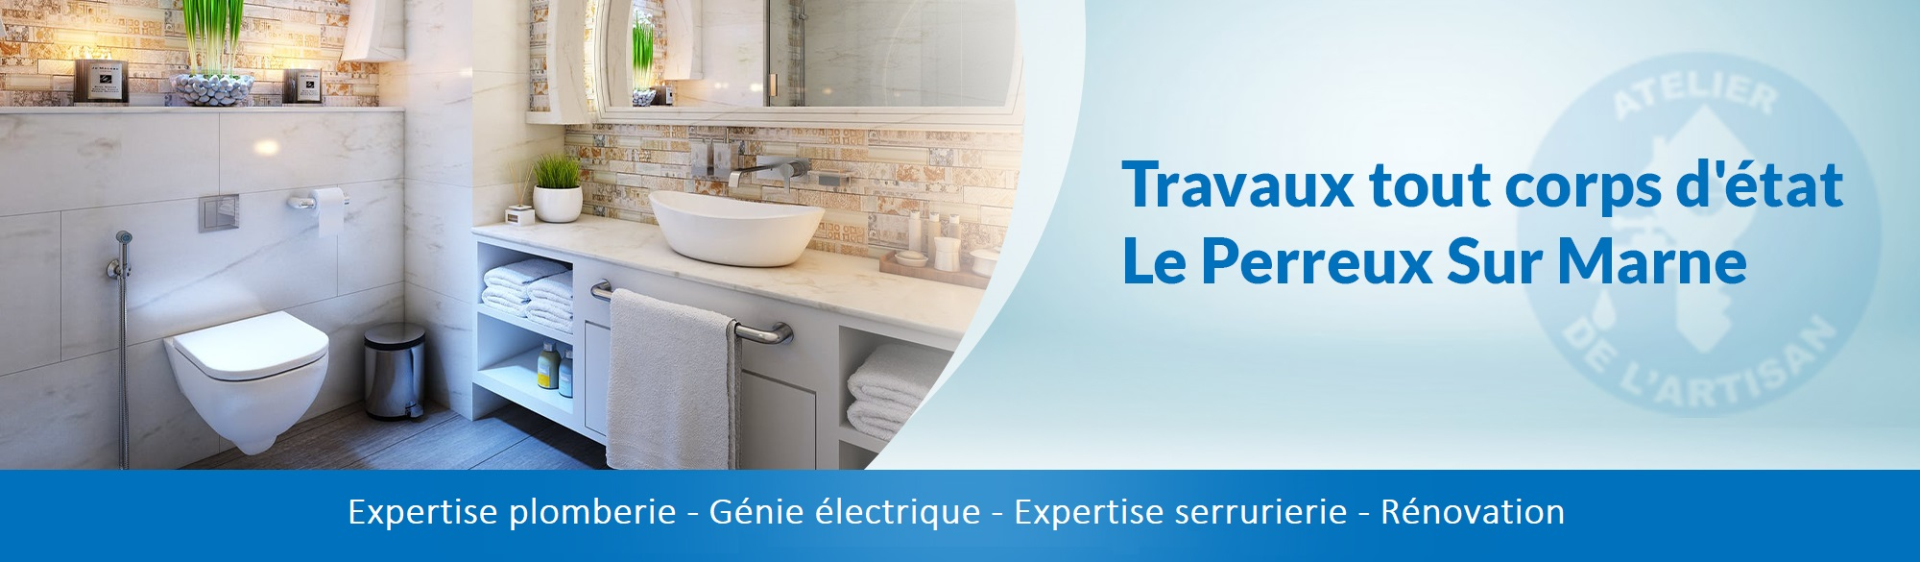 Génie industriel, Dépannage et rénovation au Perreux sur Marne pour entreprises et particuliers